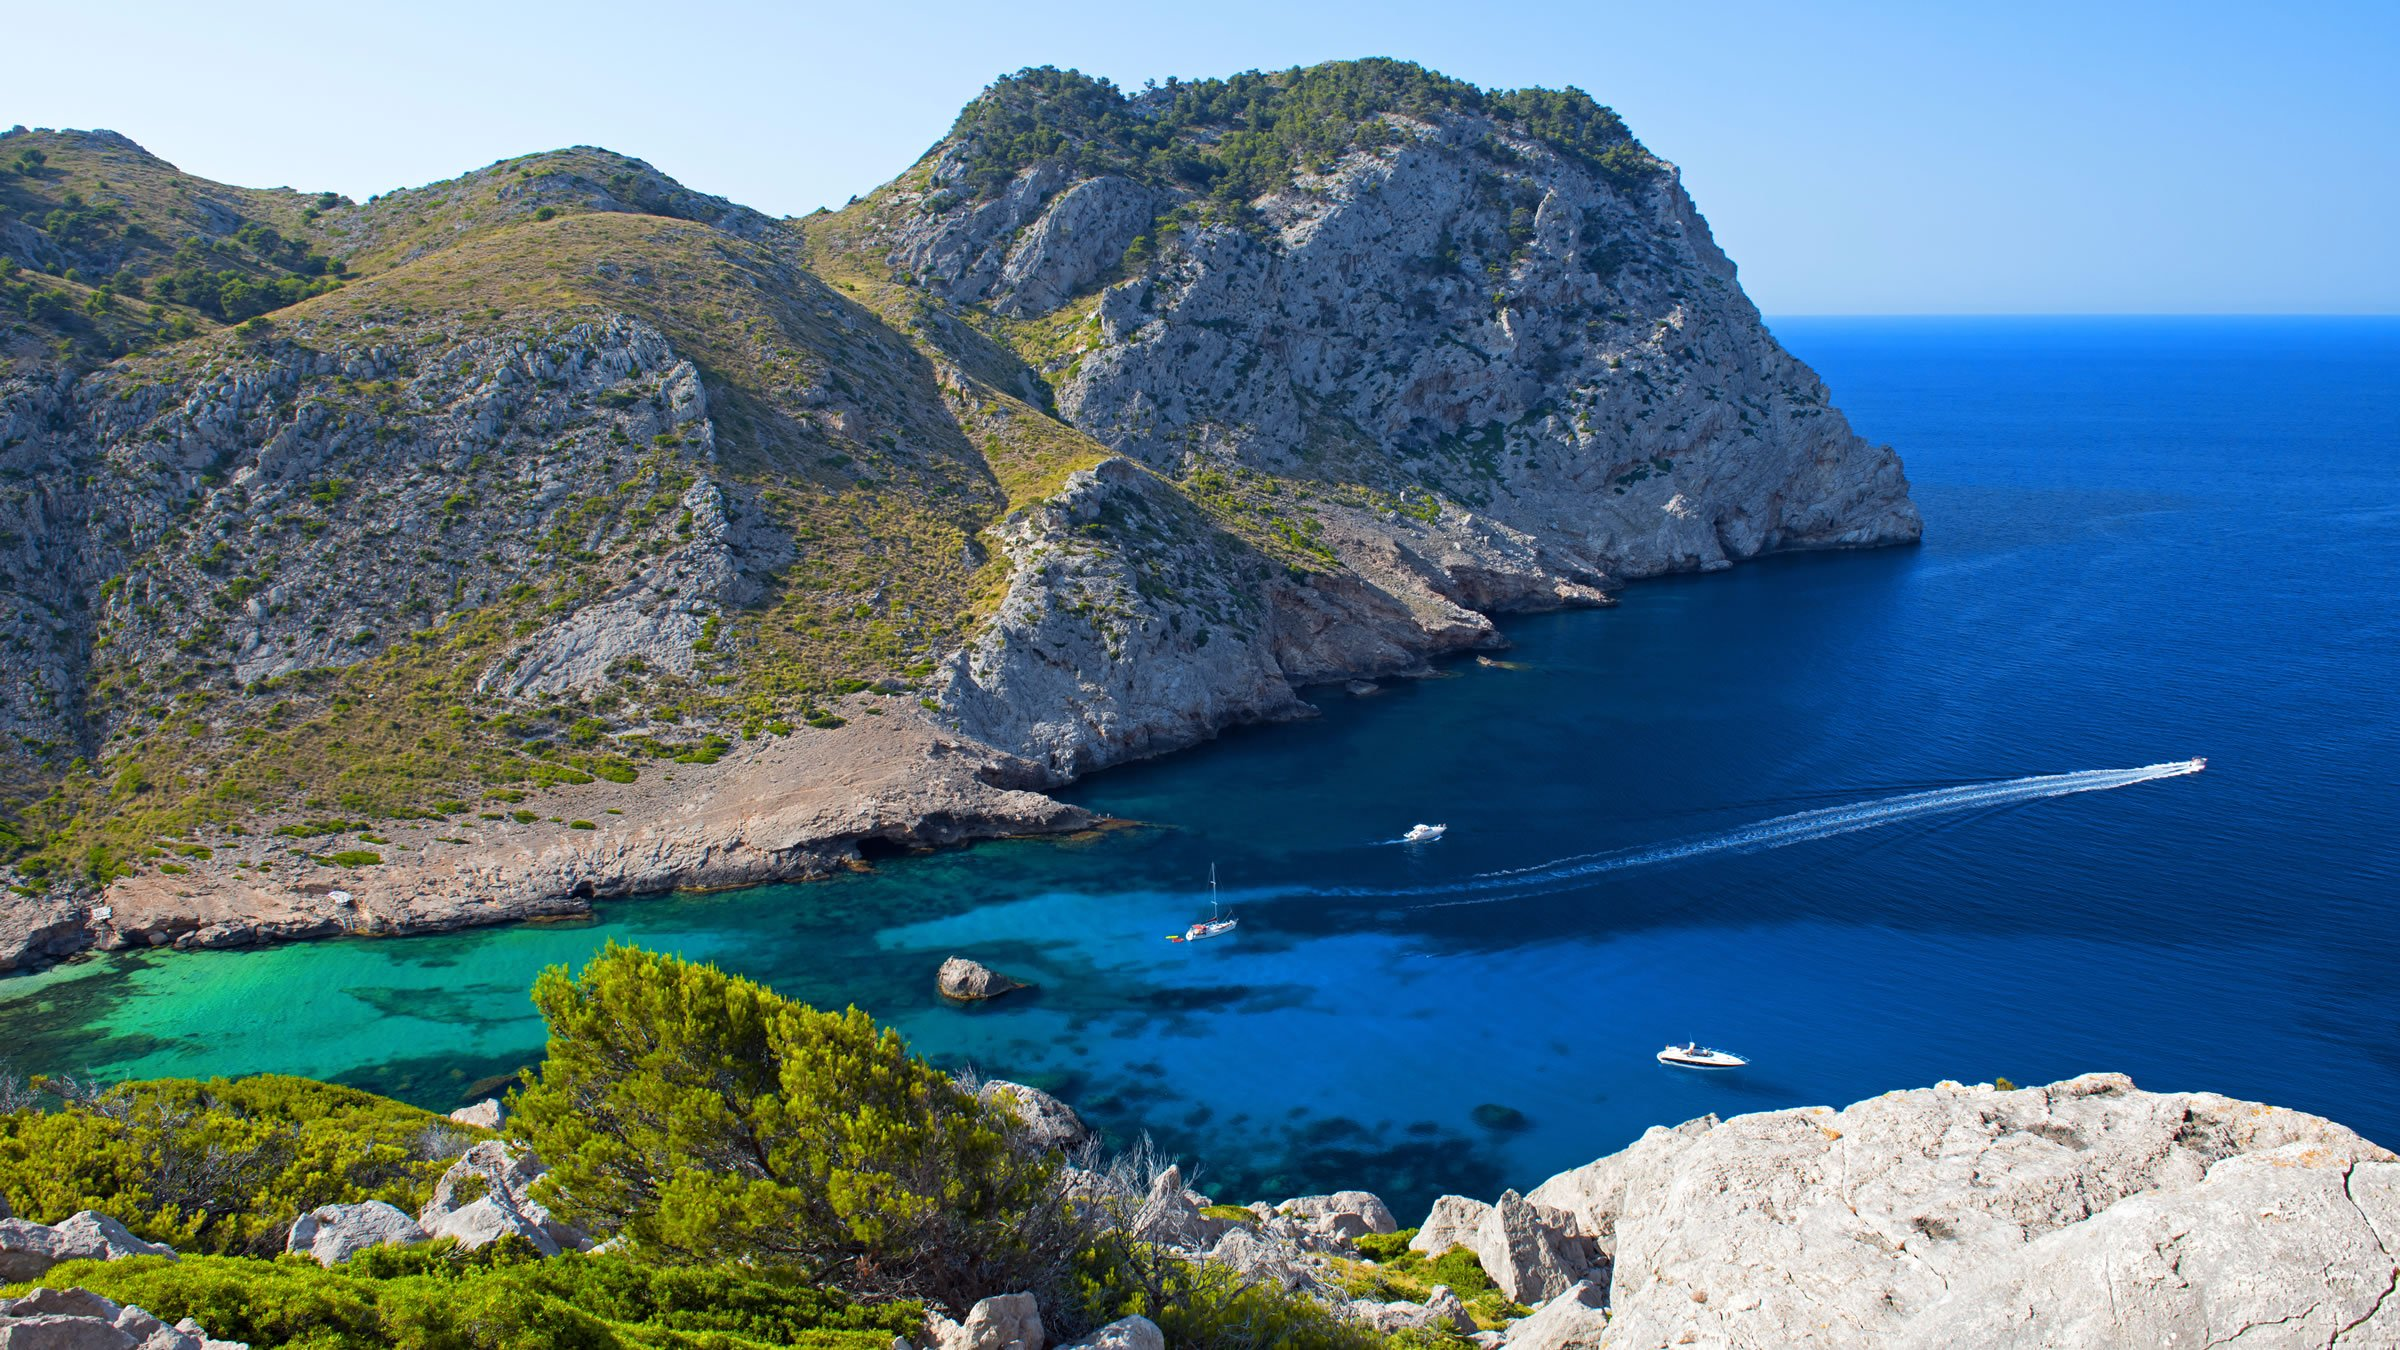 Vista aérea del Cabo de Formentor, Mallorca, España